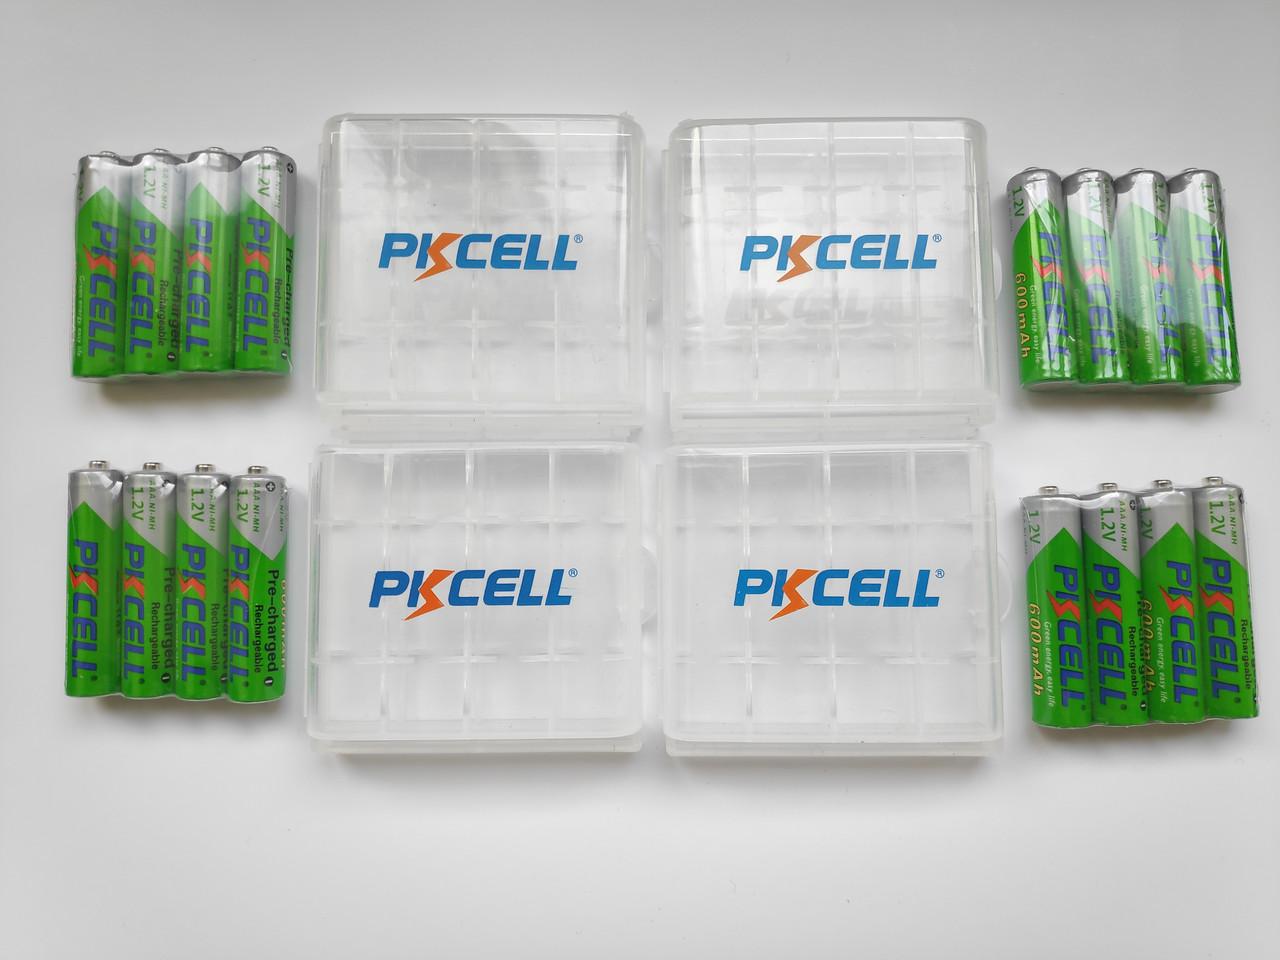 Аккумуляторы Pkcell Ni-Mh AAA 600mAh оригинал 16 шт. 4шт x 4 упаковки + BOX в подарок!!!